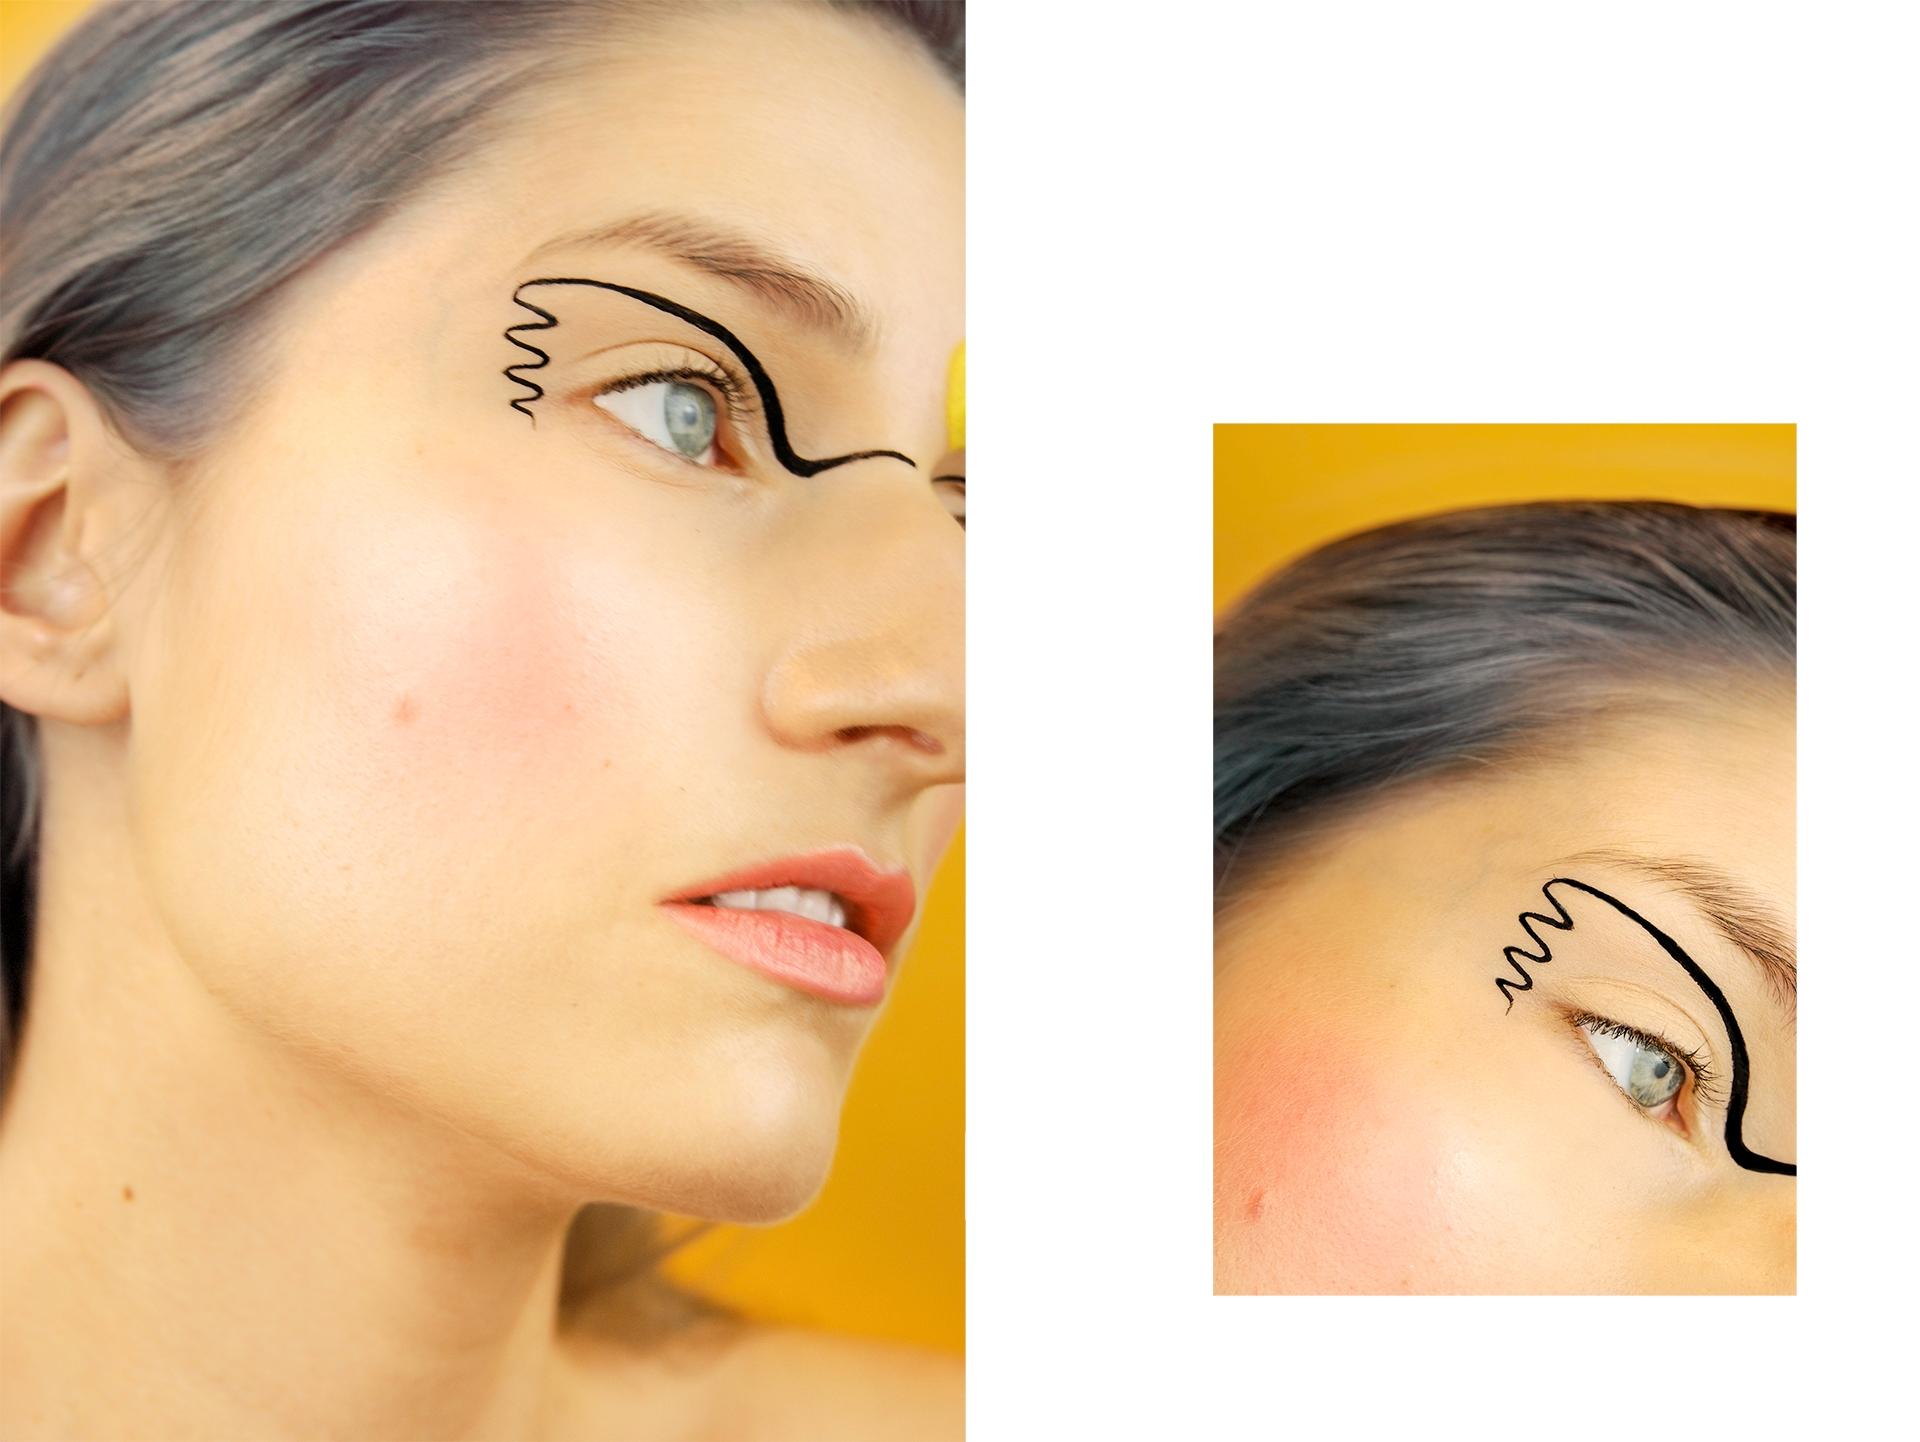 Zdjęcie przedstawia portret kobiety w makijażu, a obok widać drugie mniejsze zdjęcie ze zbliżeniem na oko.